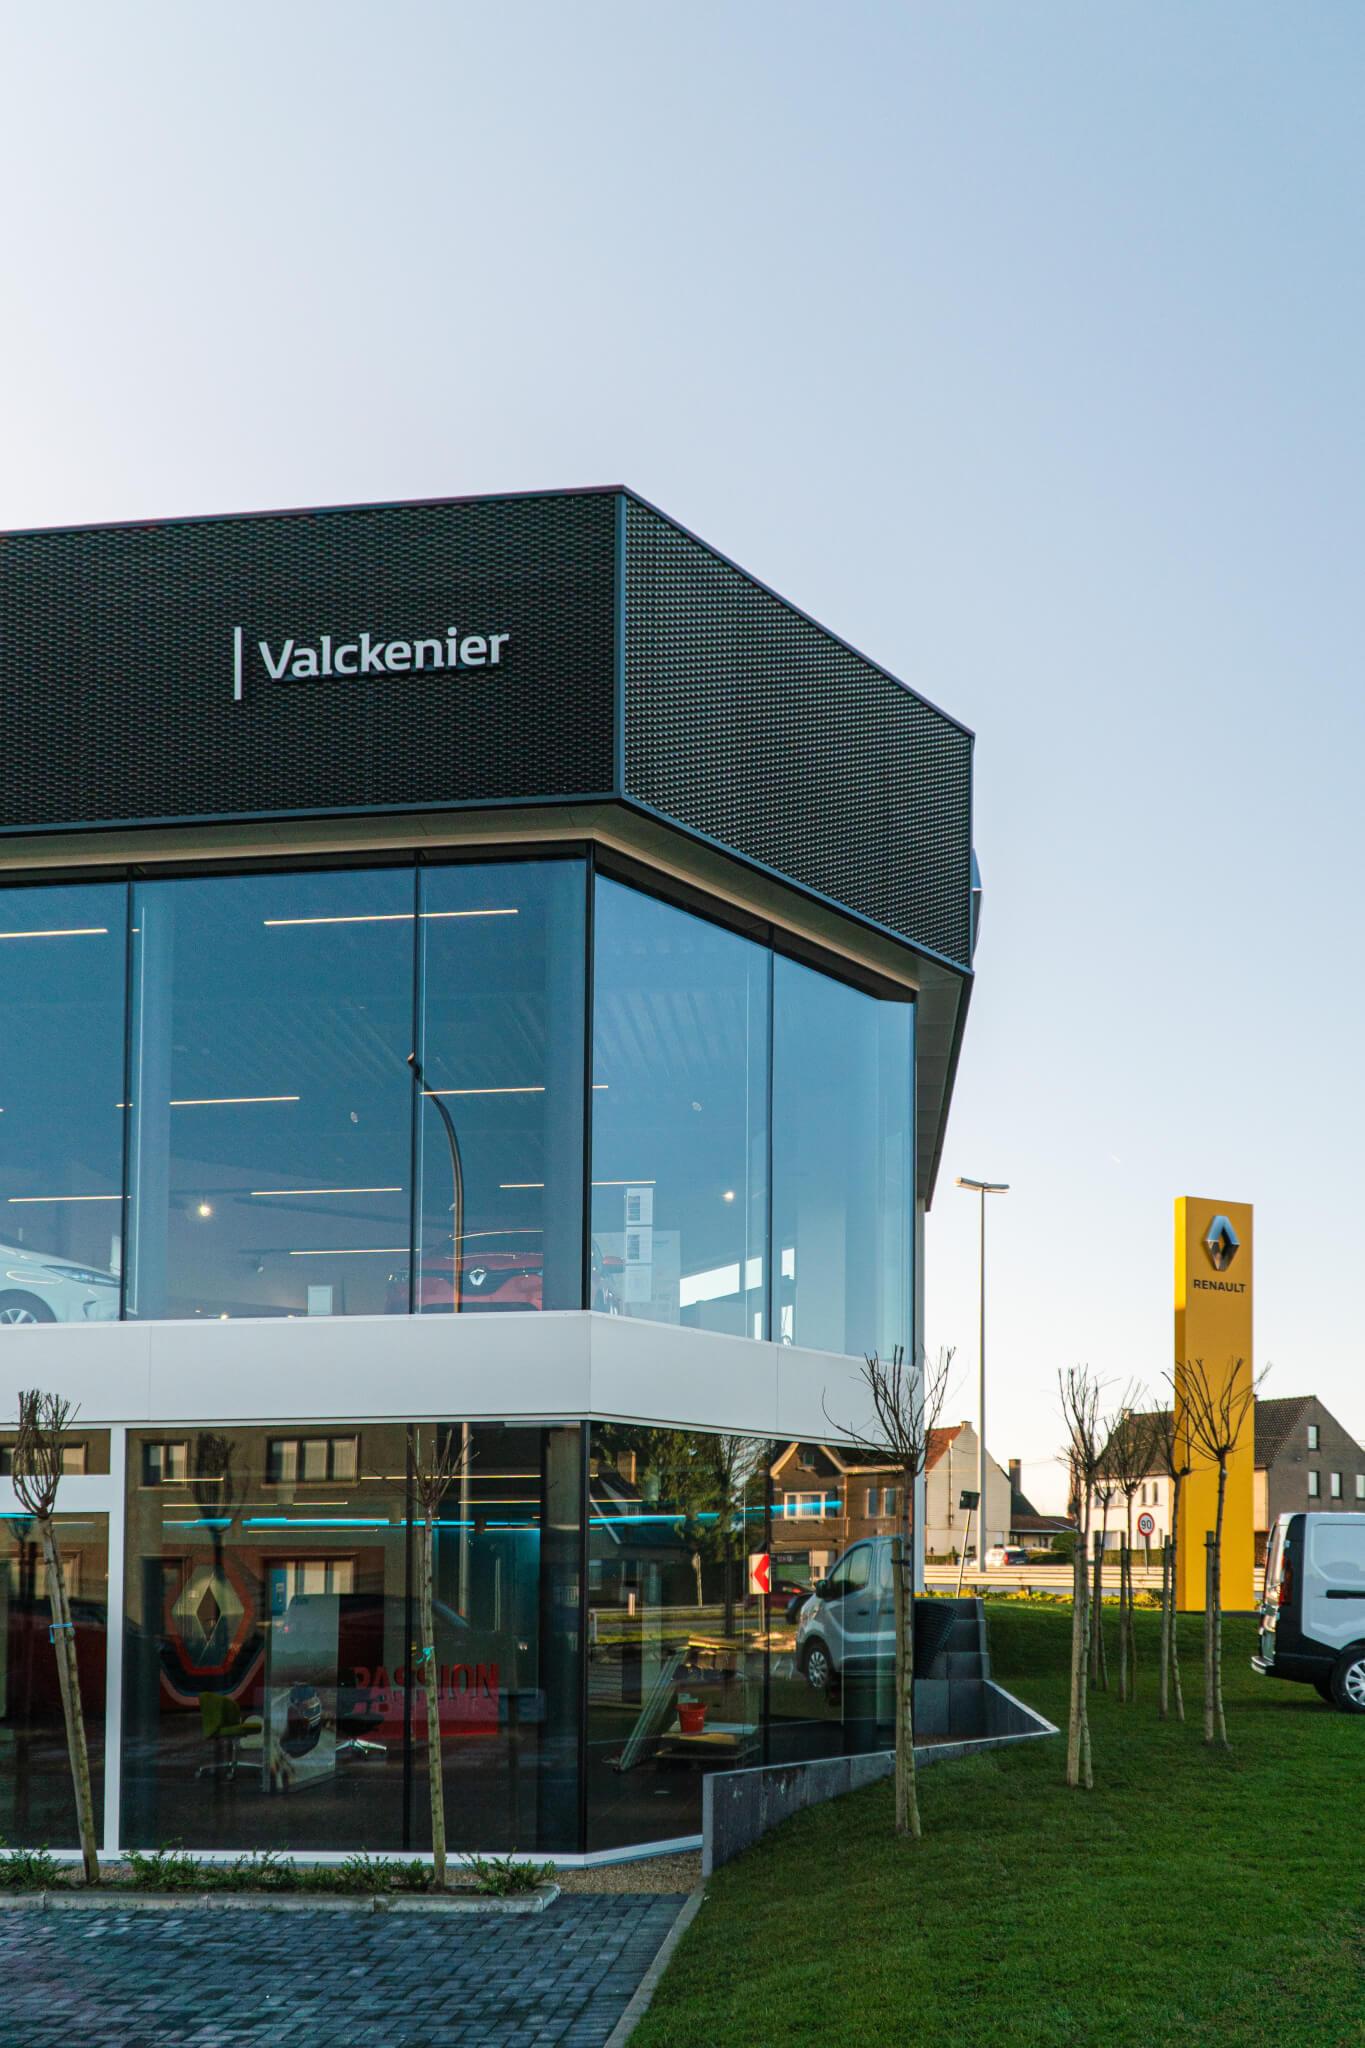 Valckenier Garage Fotografie interieur exterieur auto's